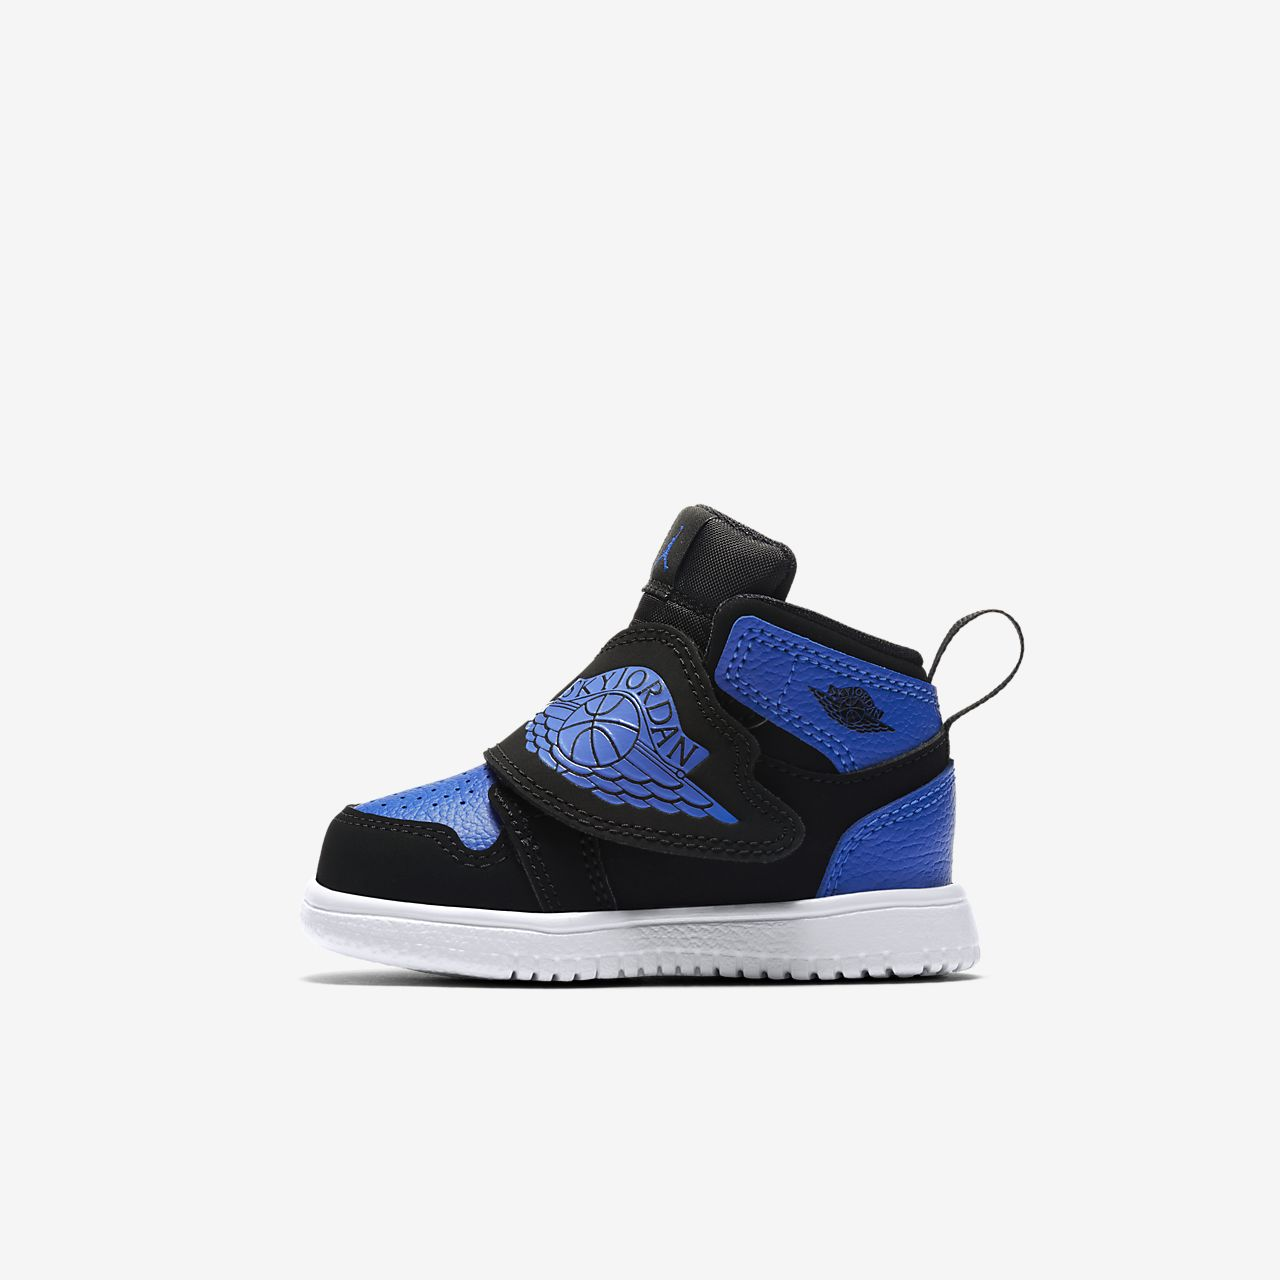 Buty dla niemowląt/maluchów Sky Jordan 1